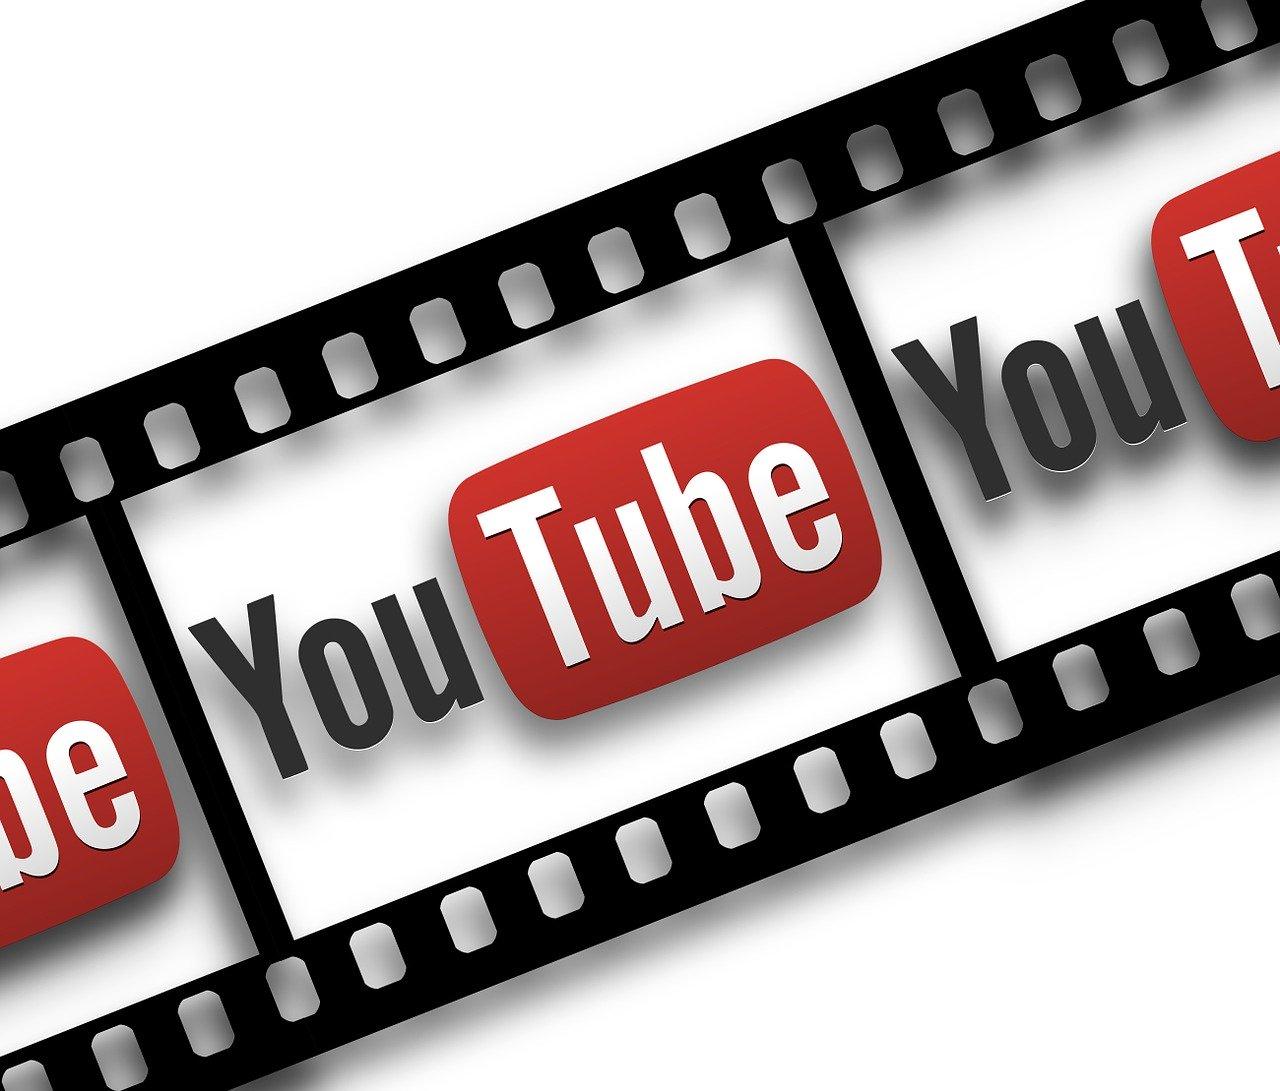 スーツ君が収入を上げるためにYouTubeの動画を長くしている理由【驚きの稼ぎ方】